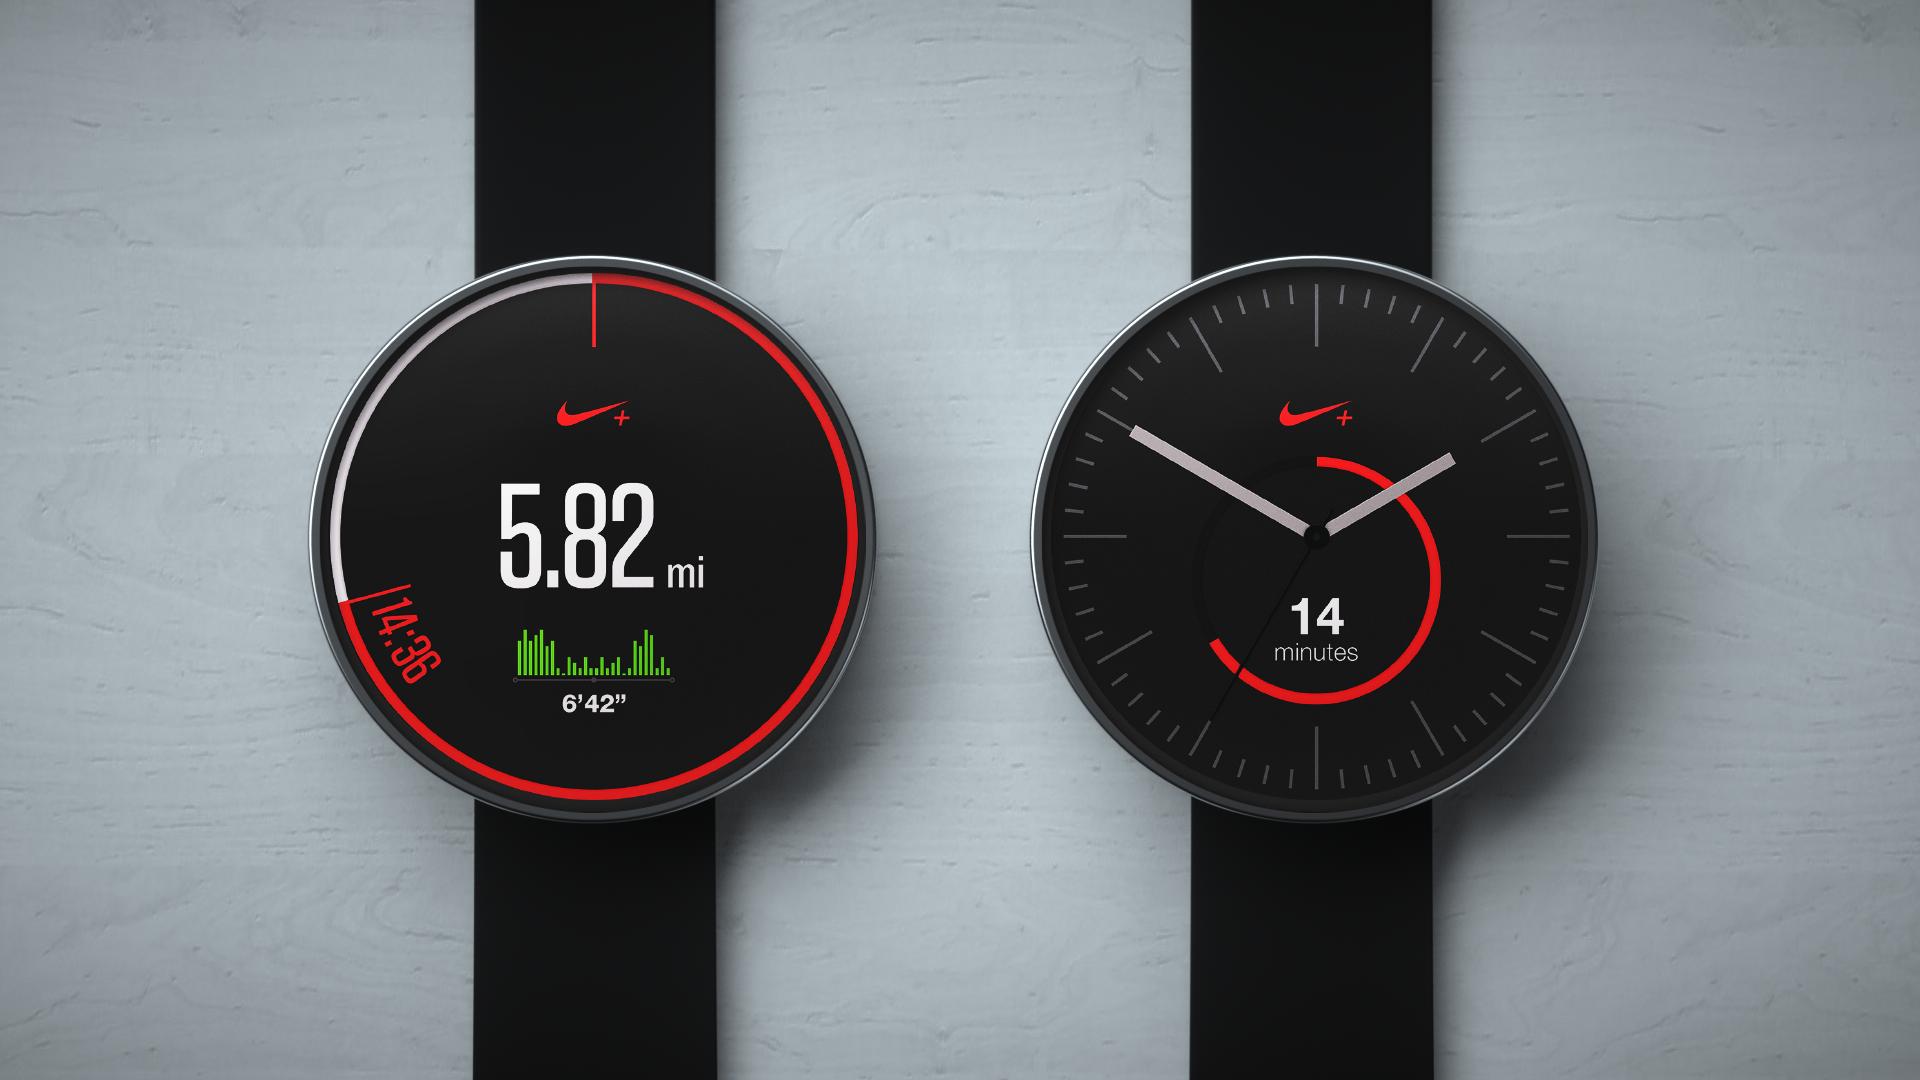 Watch_UI_Nike.png